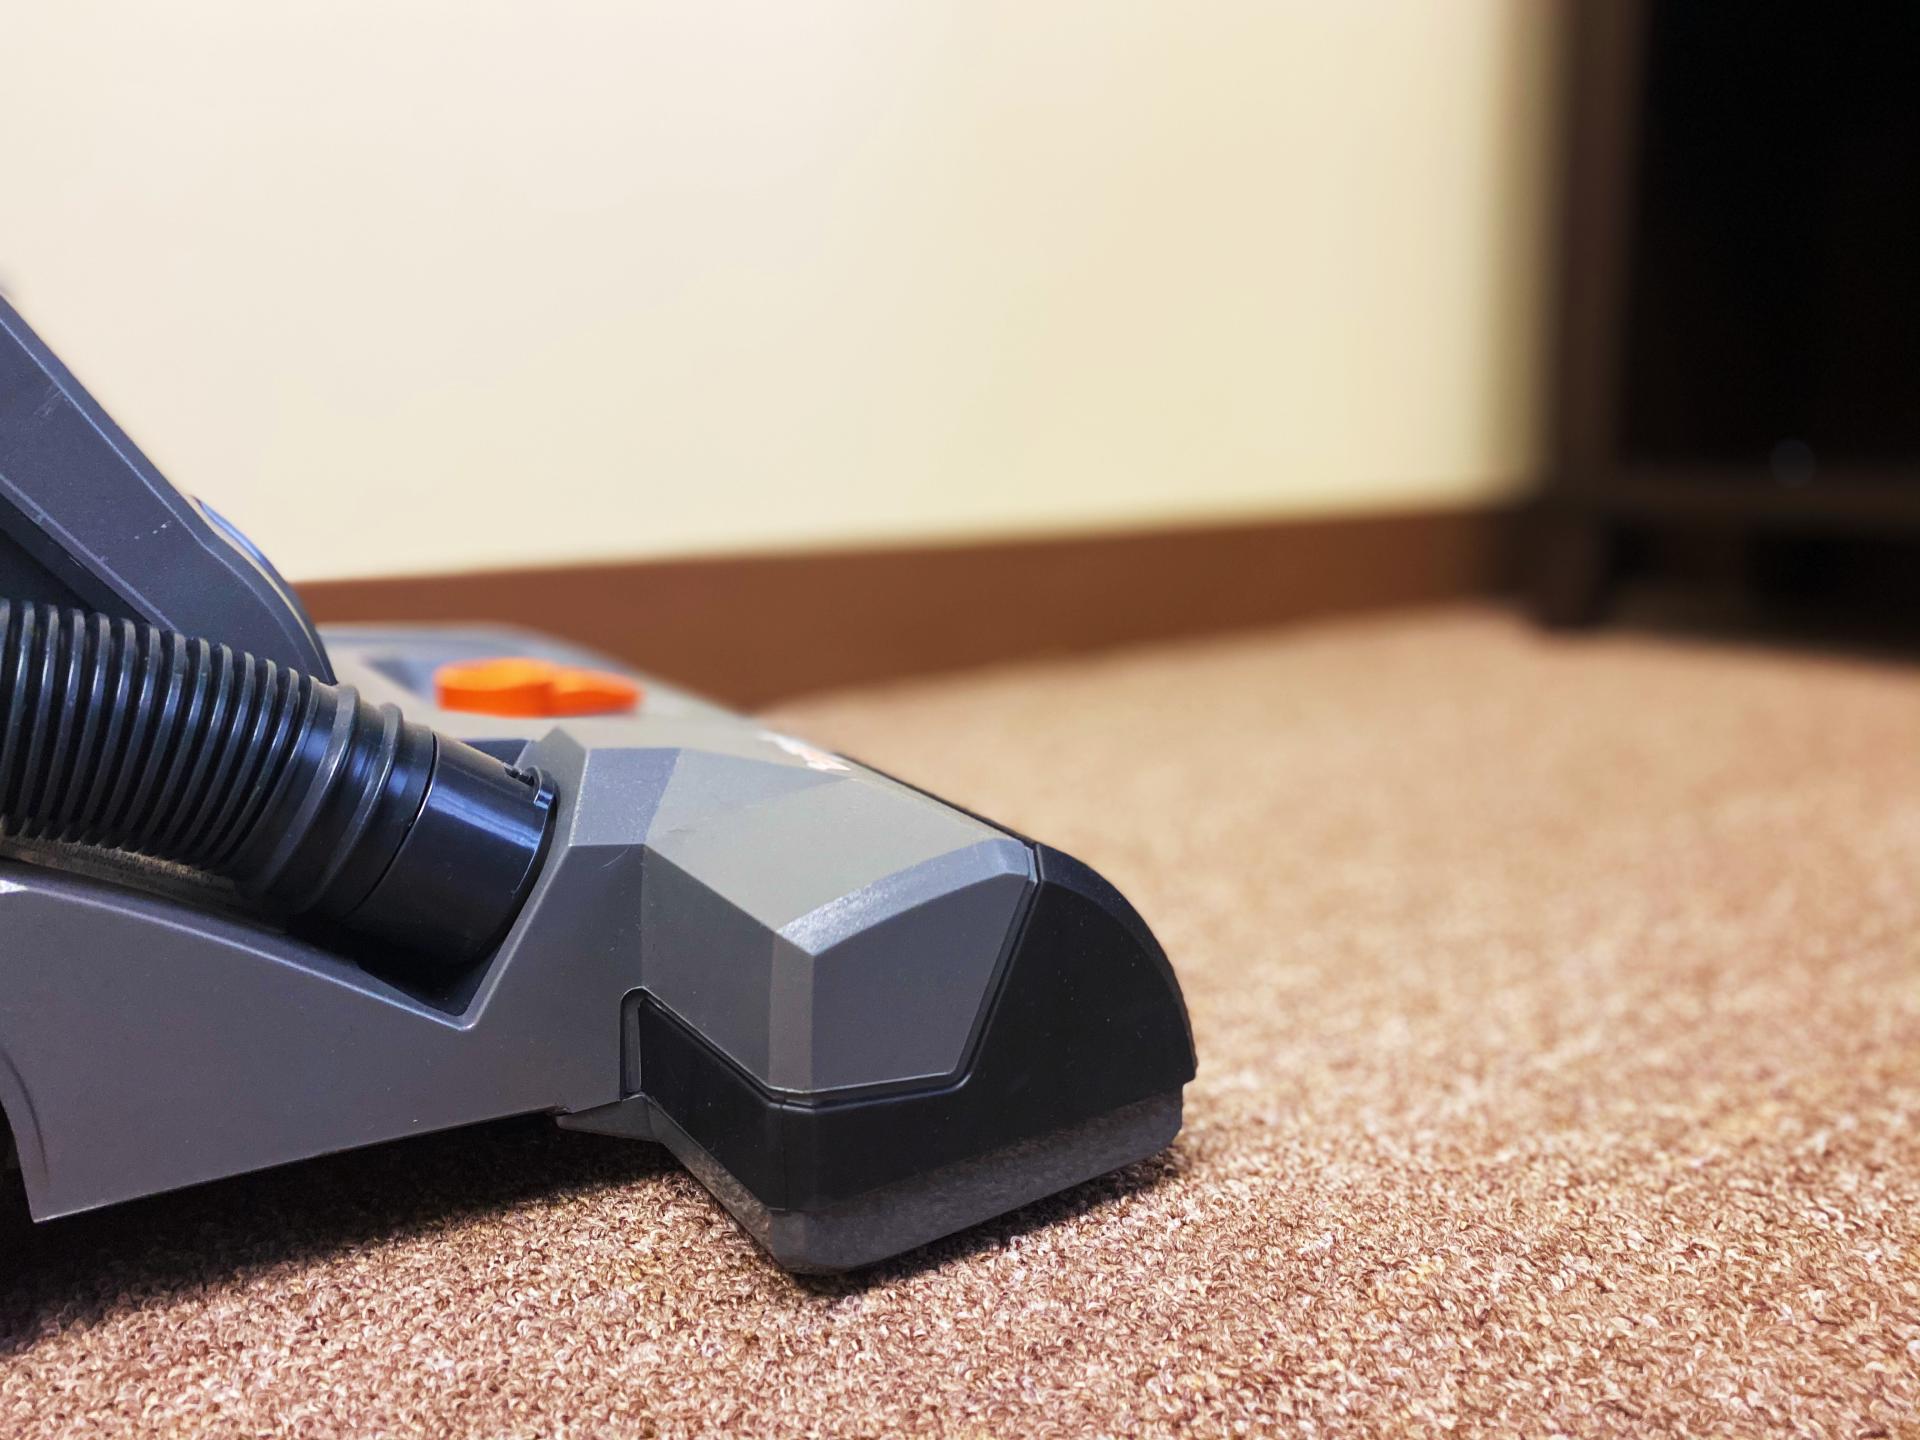 Vacuuming office carpet